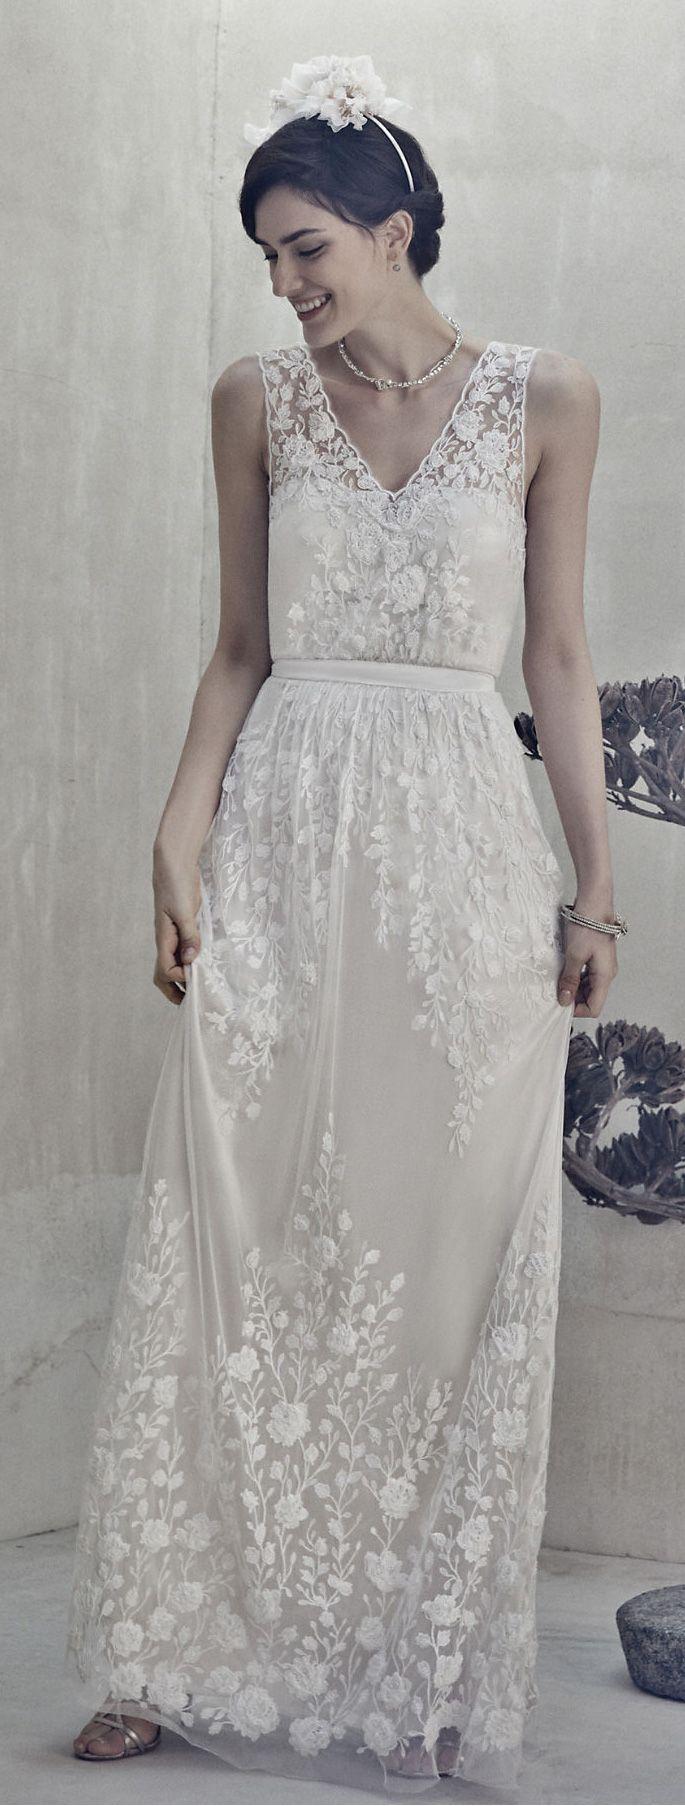 Adore this loose white lace wedding dress from @BHLDN Weddings Weddings  da find ichs schön, wie unten am rocksaum wieder die stickereien anfangen (könnt nach meinem geschmack auch erst weiter unten beginnen) - sowas find ich voi schön, das erinnert mi auch ein bissl an deinen braunen langen sommerrock, da find ich diese details am rocksaum auch voi schön!